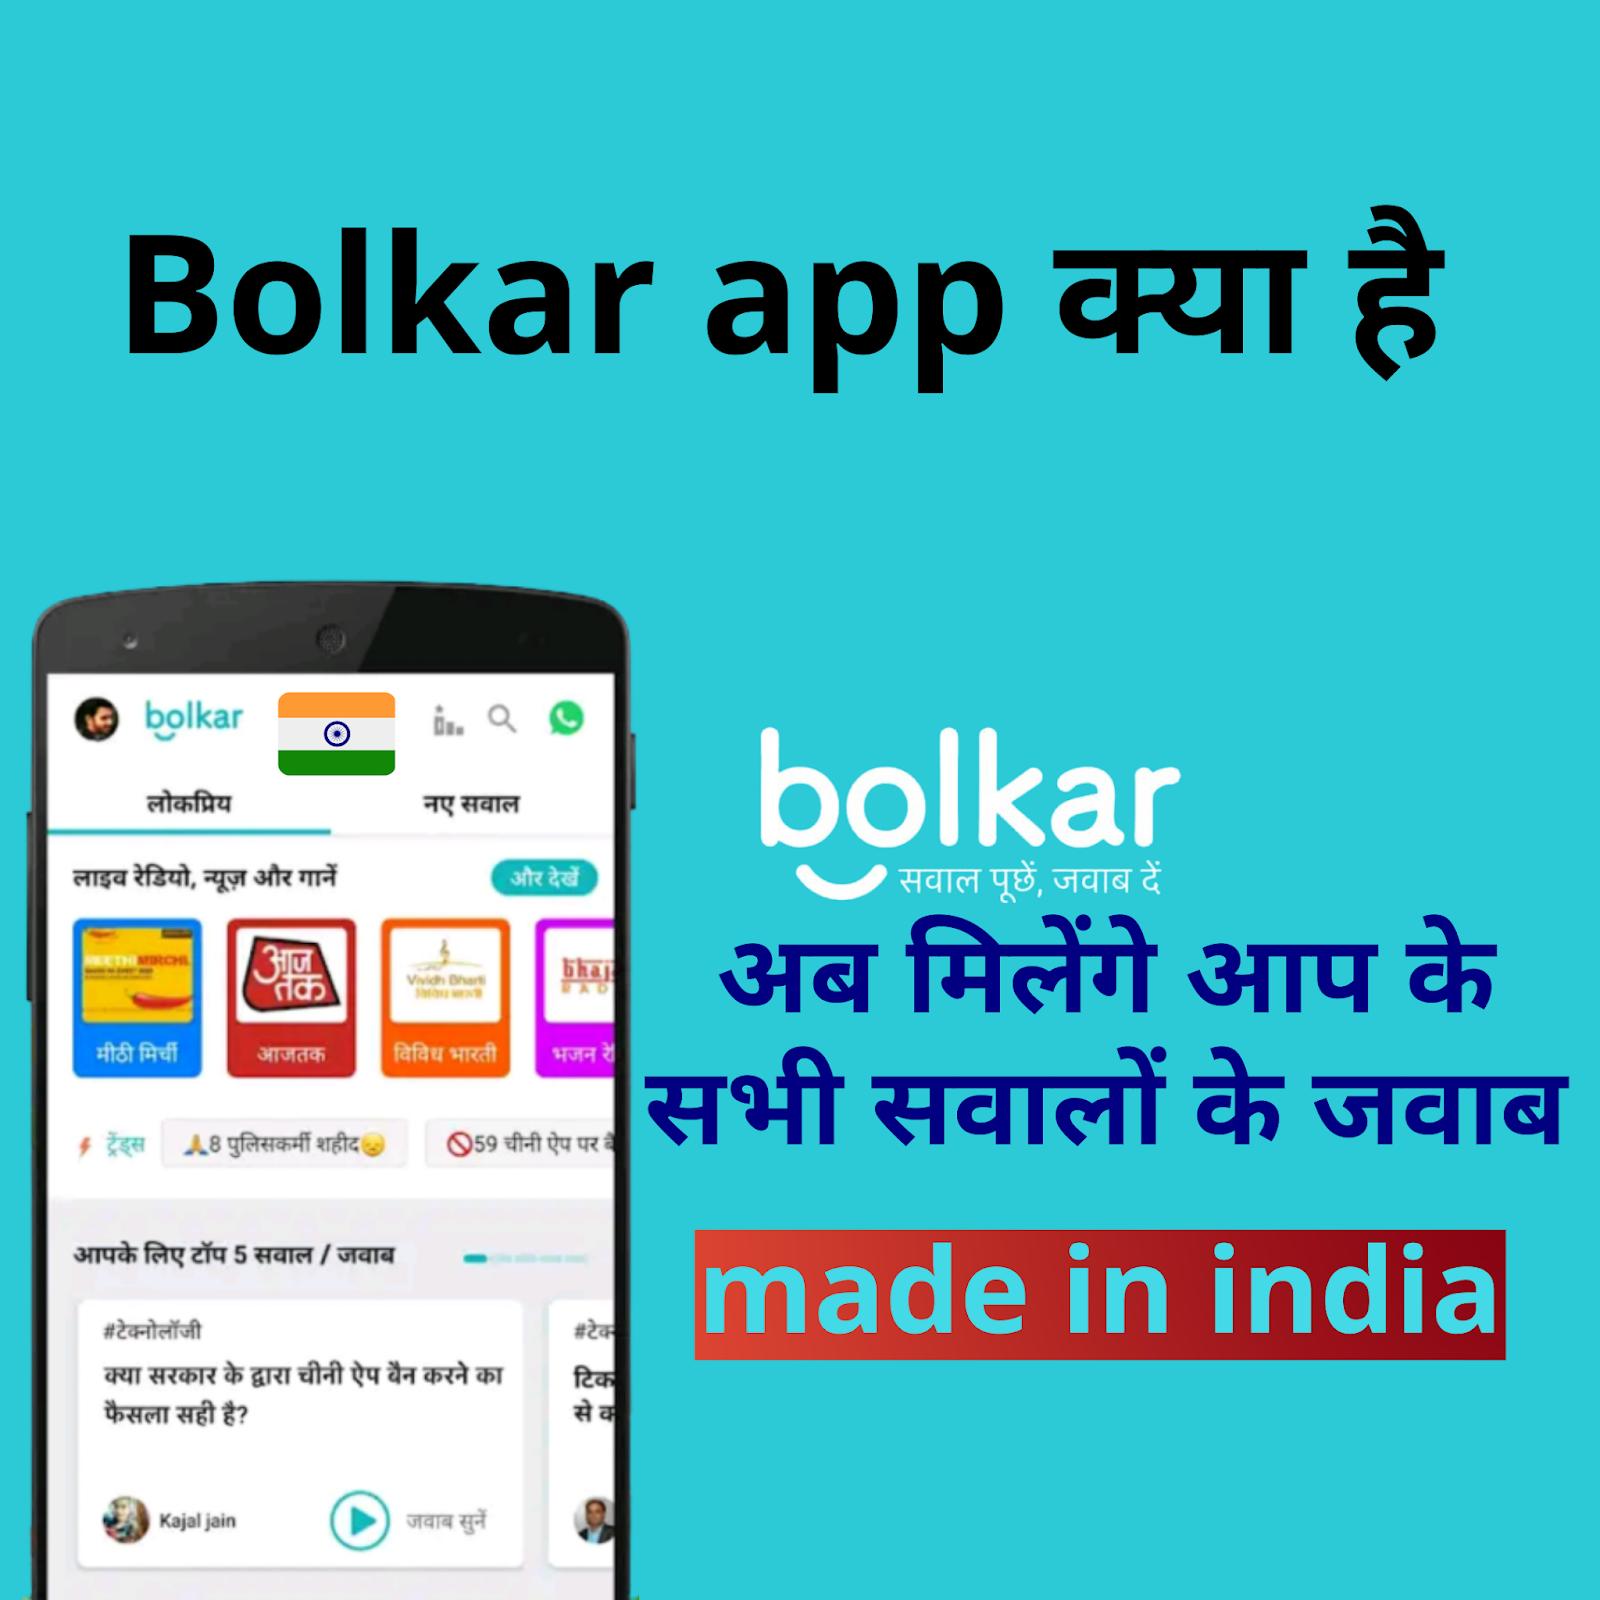 Bolkar app क्या है